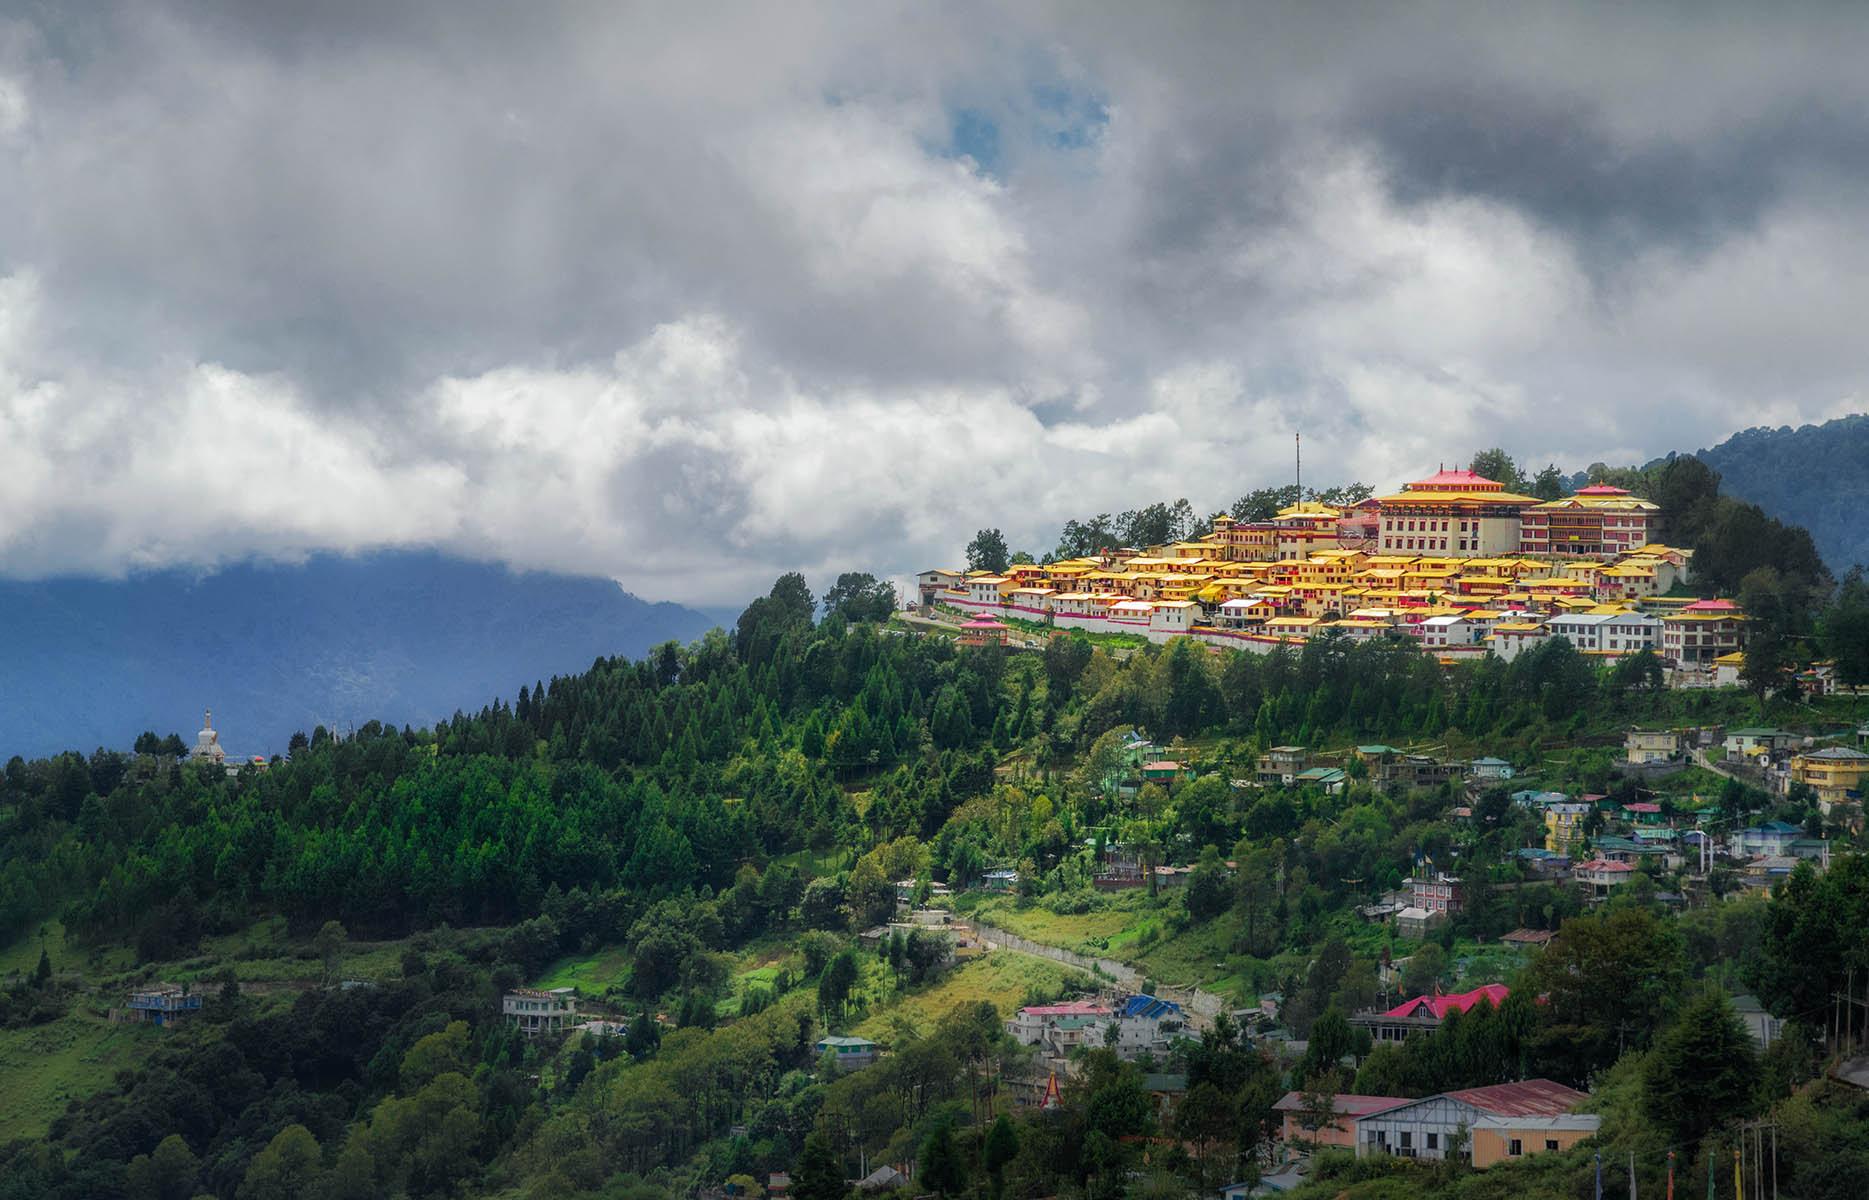 Tawang Monastery, Buddhism in Arunachal Pradesh, Relegious places to visit in Arunachal Pradesh